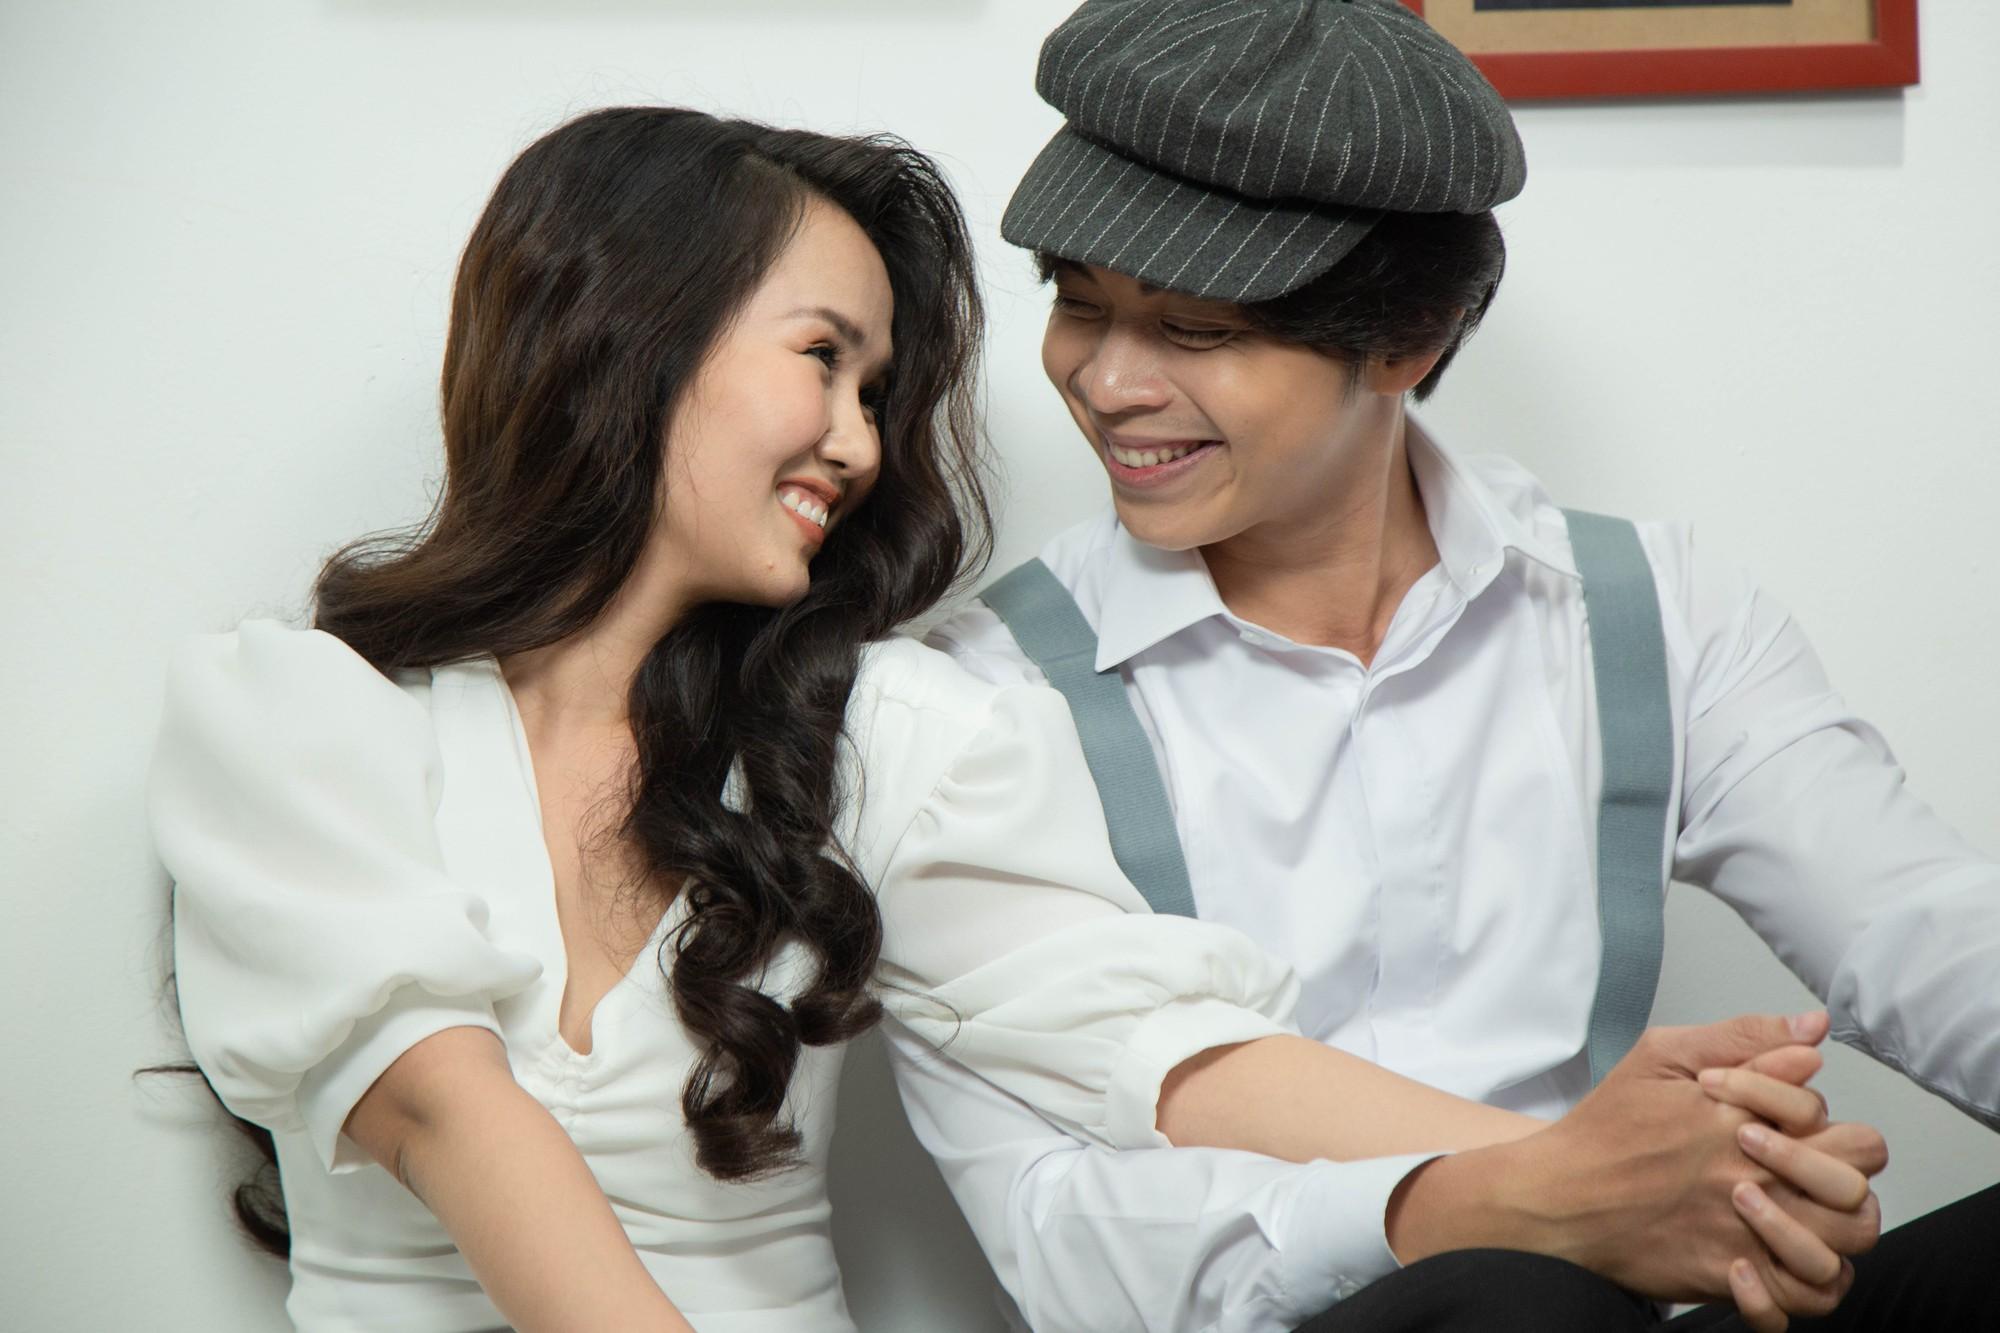 Võ Hạ Trâm ngượng ngùng khi diễn cảnh tình cảm với Lân Nhã trong MV mới - Ảnh 2.